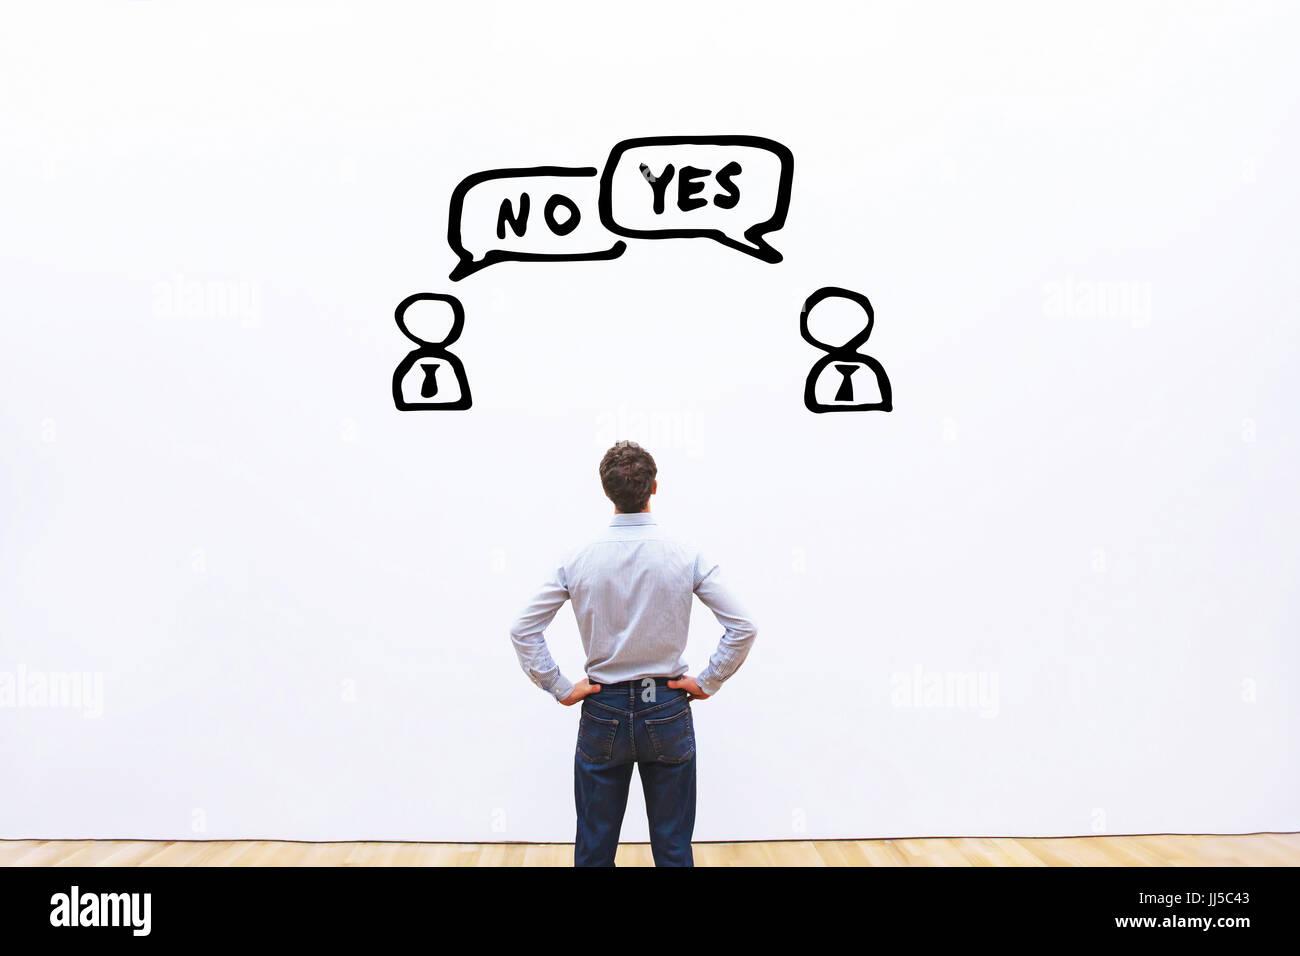 Ja Vs Nein, Verhandlung, Dialogfeld oder Streit Konzept, Diskussion von zwei Geschäftsleuten mit unterschiedlichen Stockbild